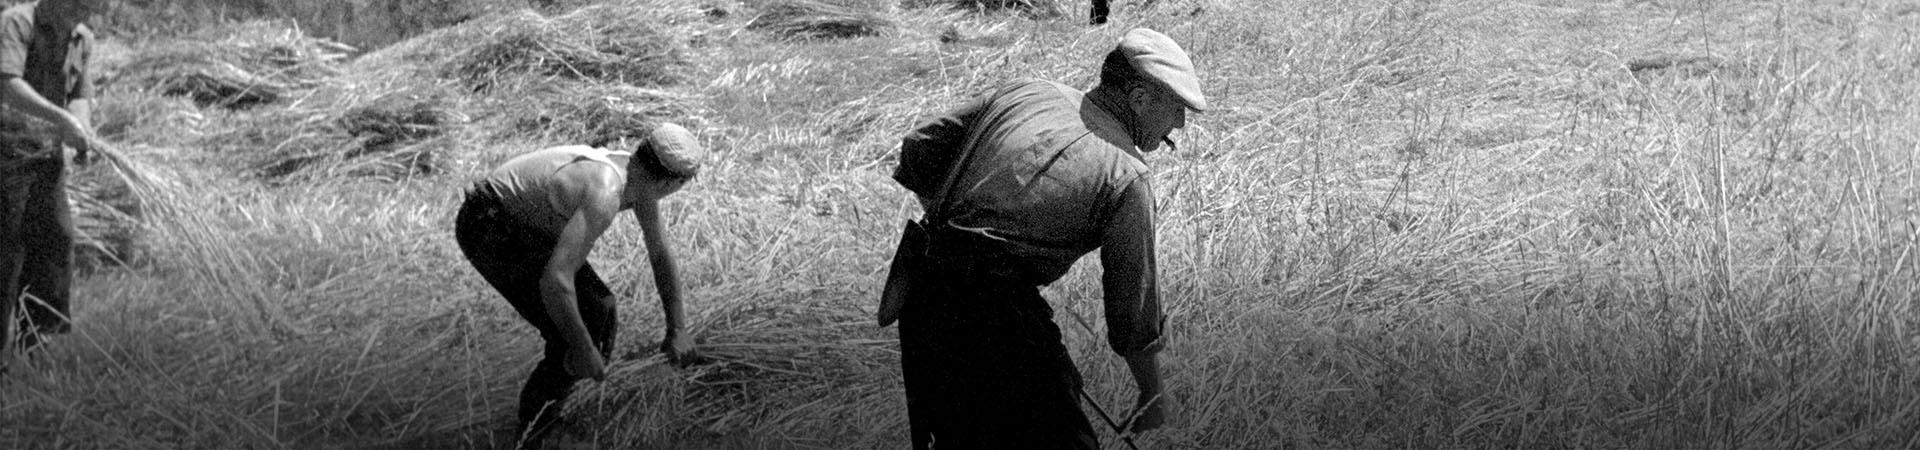 Camperols treballant al camp a l'agost. Prades, 1957. Col·lecció Joan Camp Permanyer / IEFC